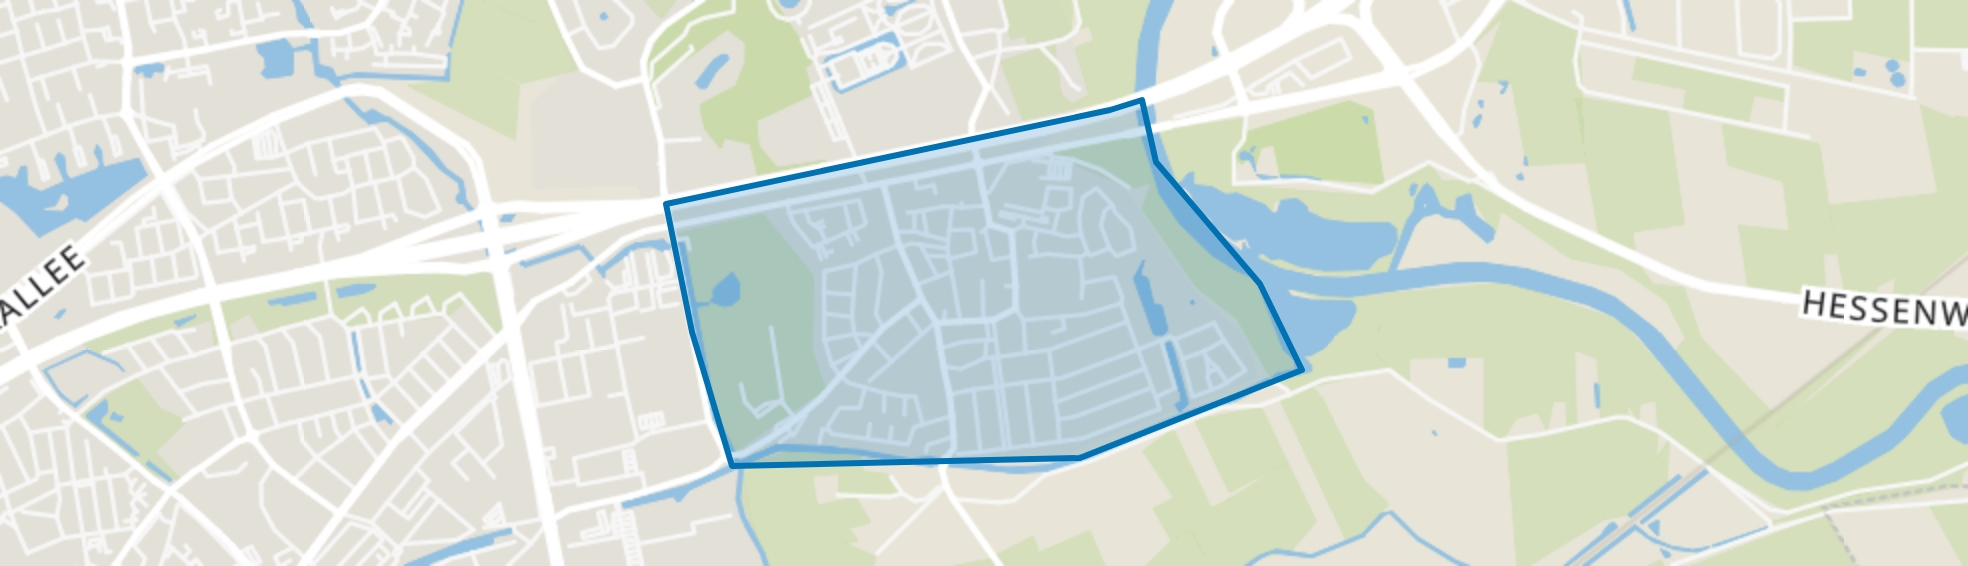 Berkum, Zwolle map